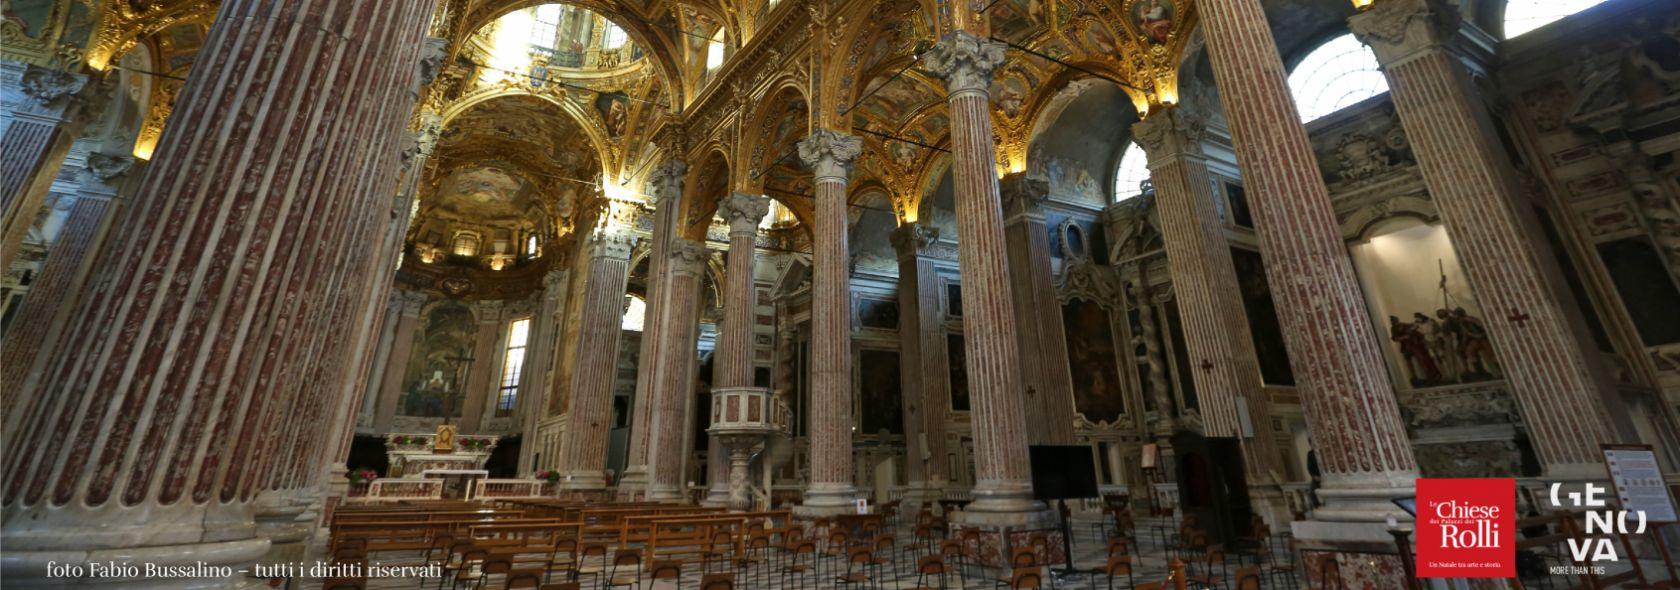 Basilica dell_Annunziata - Foto Fabio Bussalino